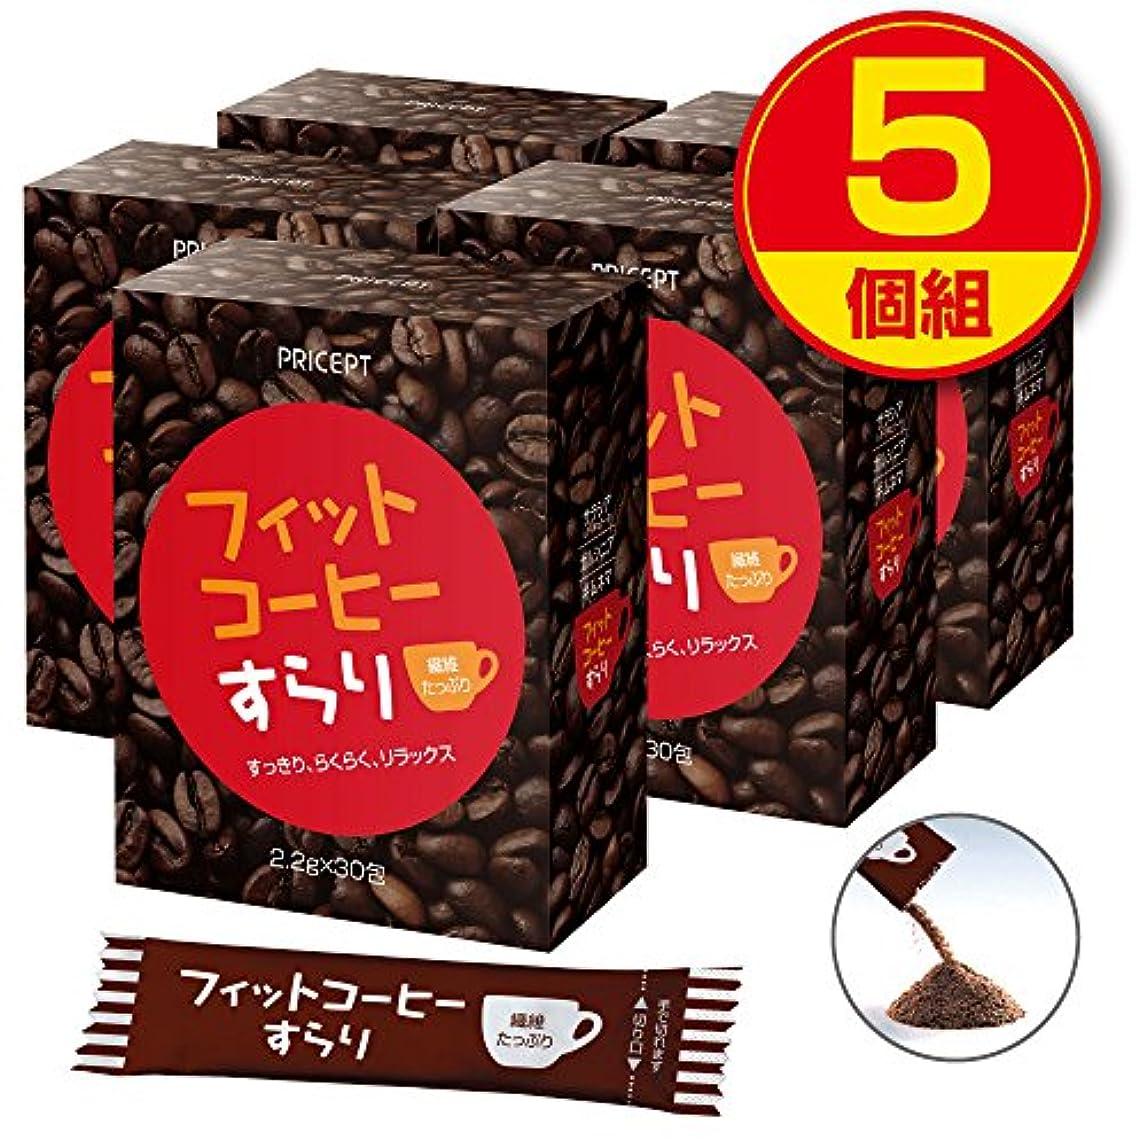 アブセイチューブ帝国プリセプト フィットコーヒーすらり 30包【5個組(150包)】(ダイエットサポートコーヒー)